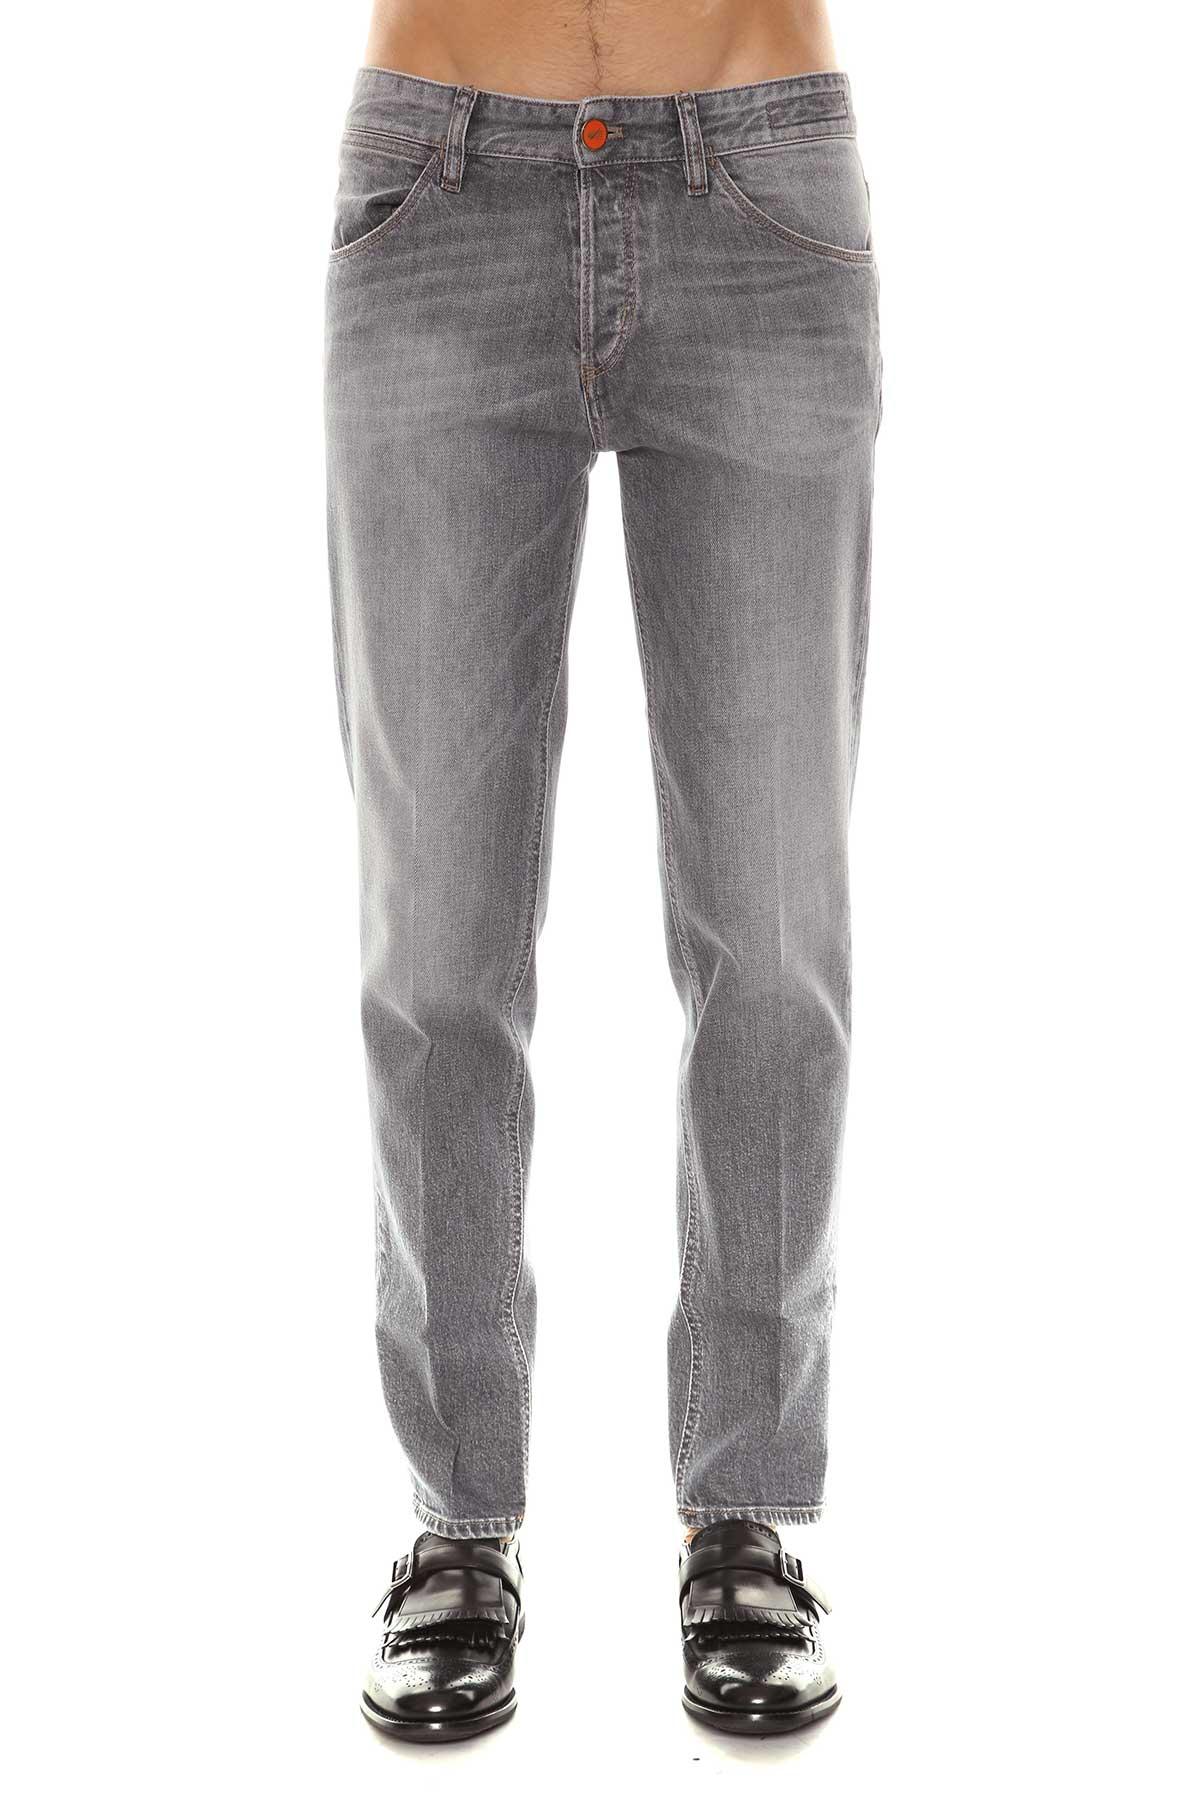 Pt01 Pantalone Denim